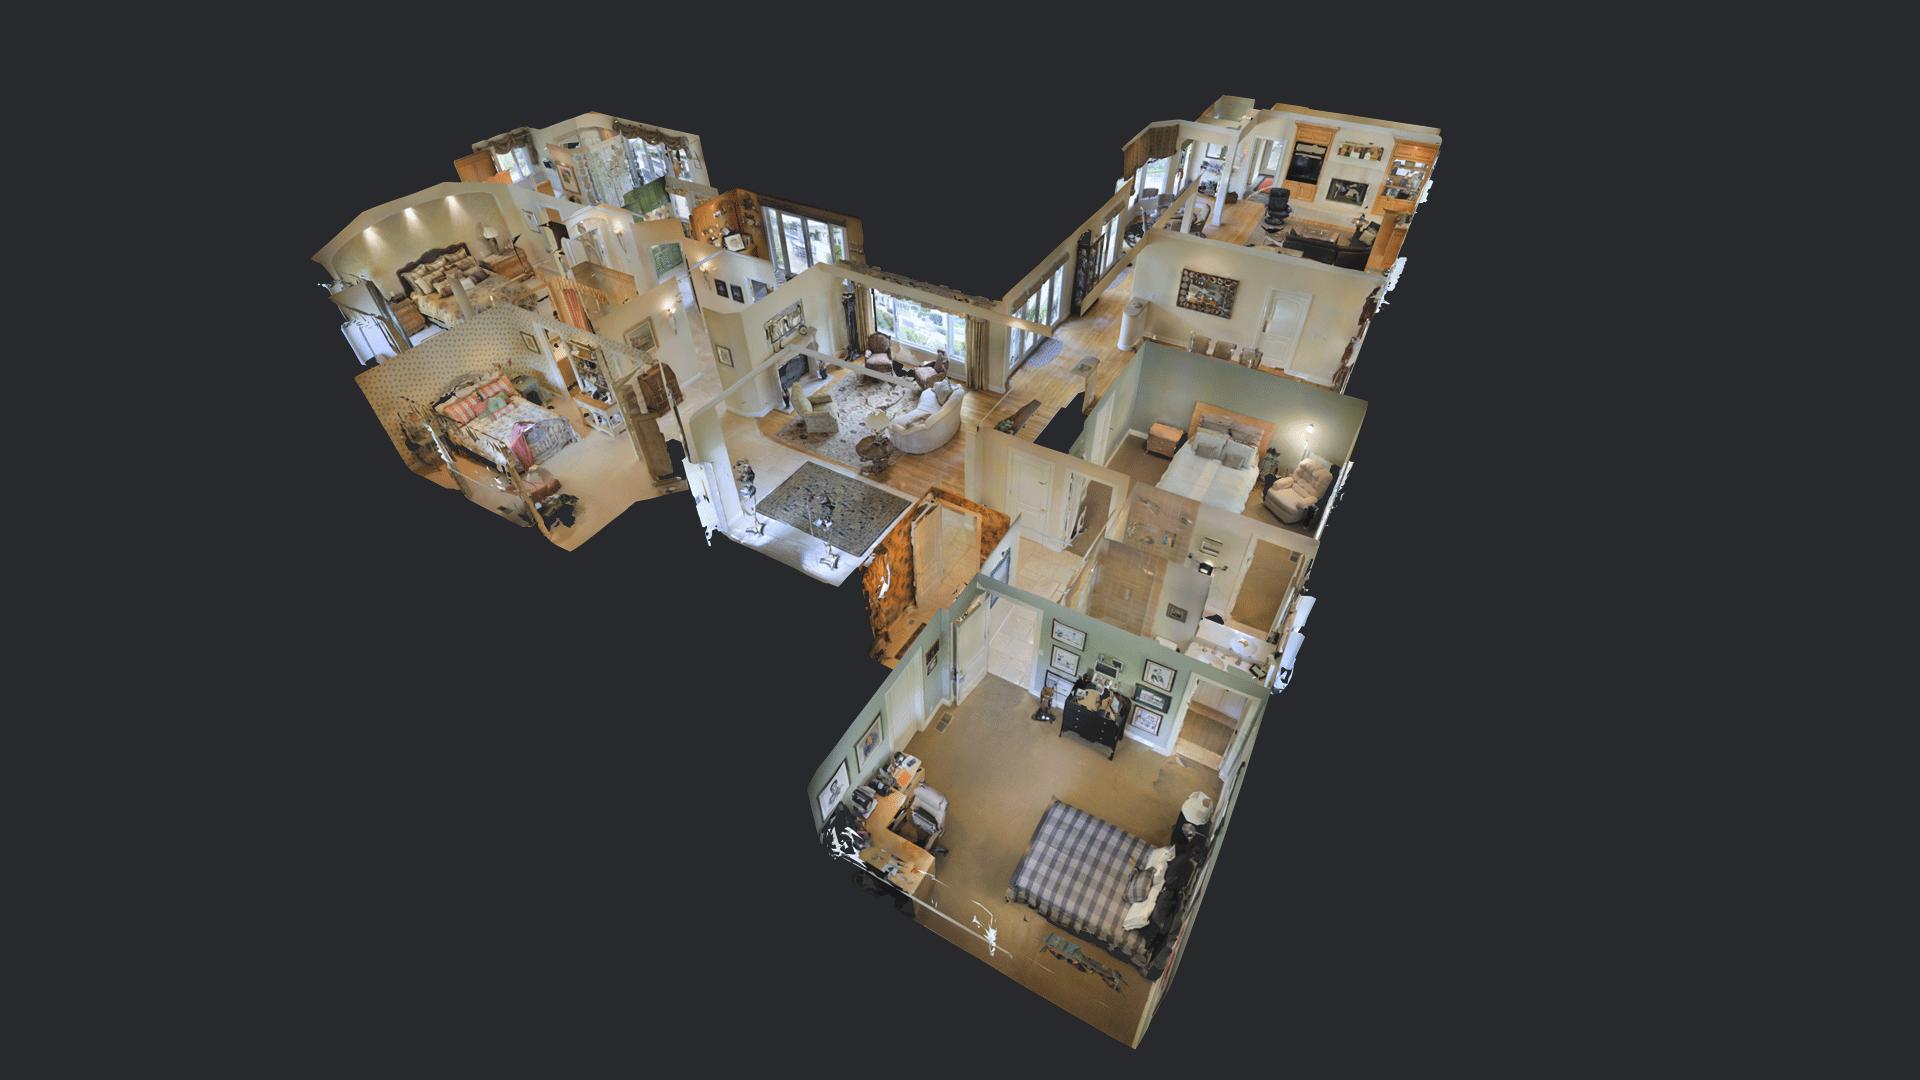 Seit August können Immobilien, die die Sparkasse Fürth vermarktet, in der 360°-Immobilien-Besichtigung am heimischen PC, auf dem Tablet-PC, auf dem Smartphone oder mit der Virtual Reality-Brille vorab erkundet werden.